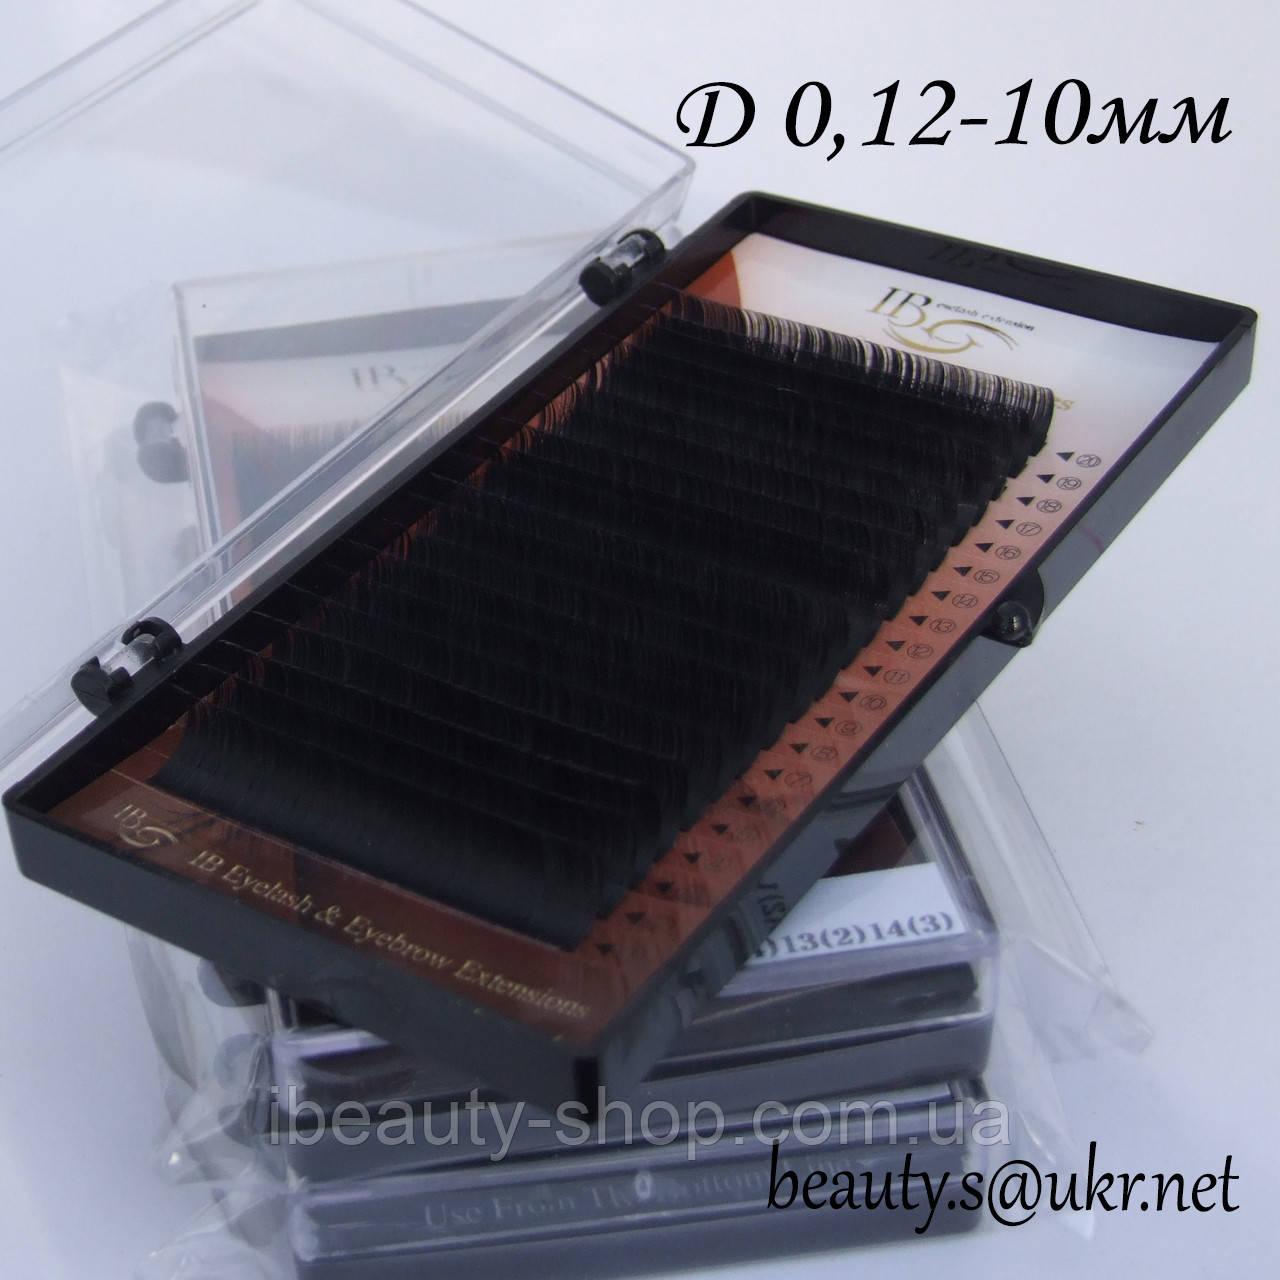 Ресницы  I-Beauty на ленте D-0,12 10мм